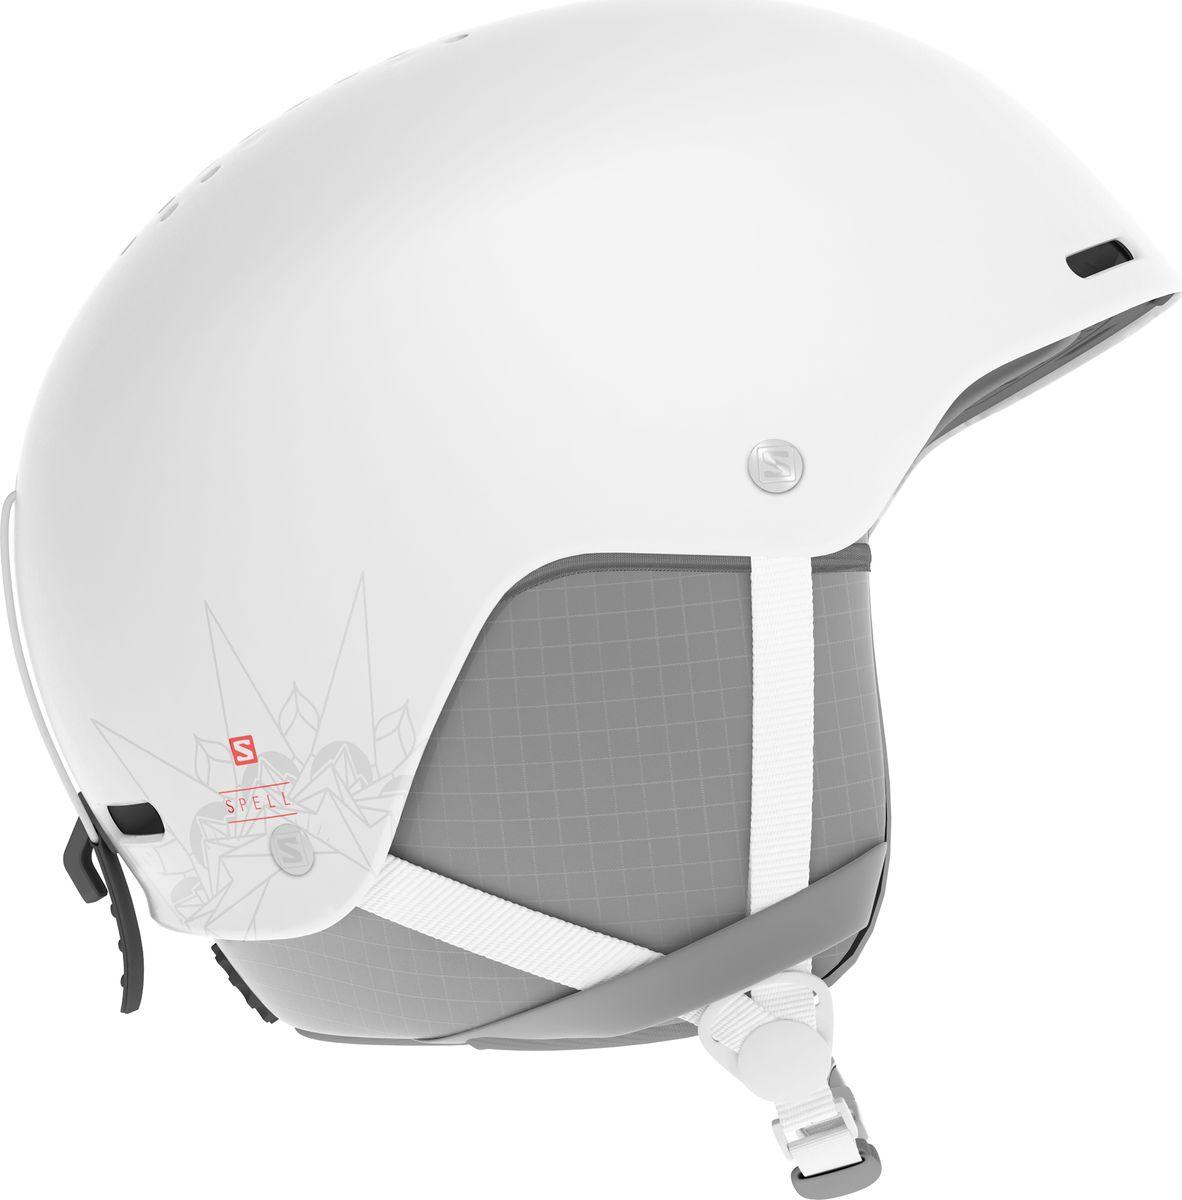 Шлем горнолыжный Salomon Spell, цвет: белый. Размер S (53-56)